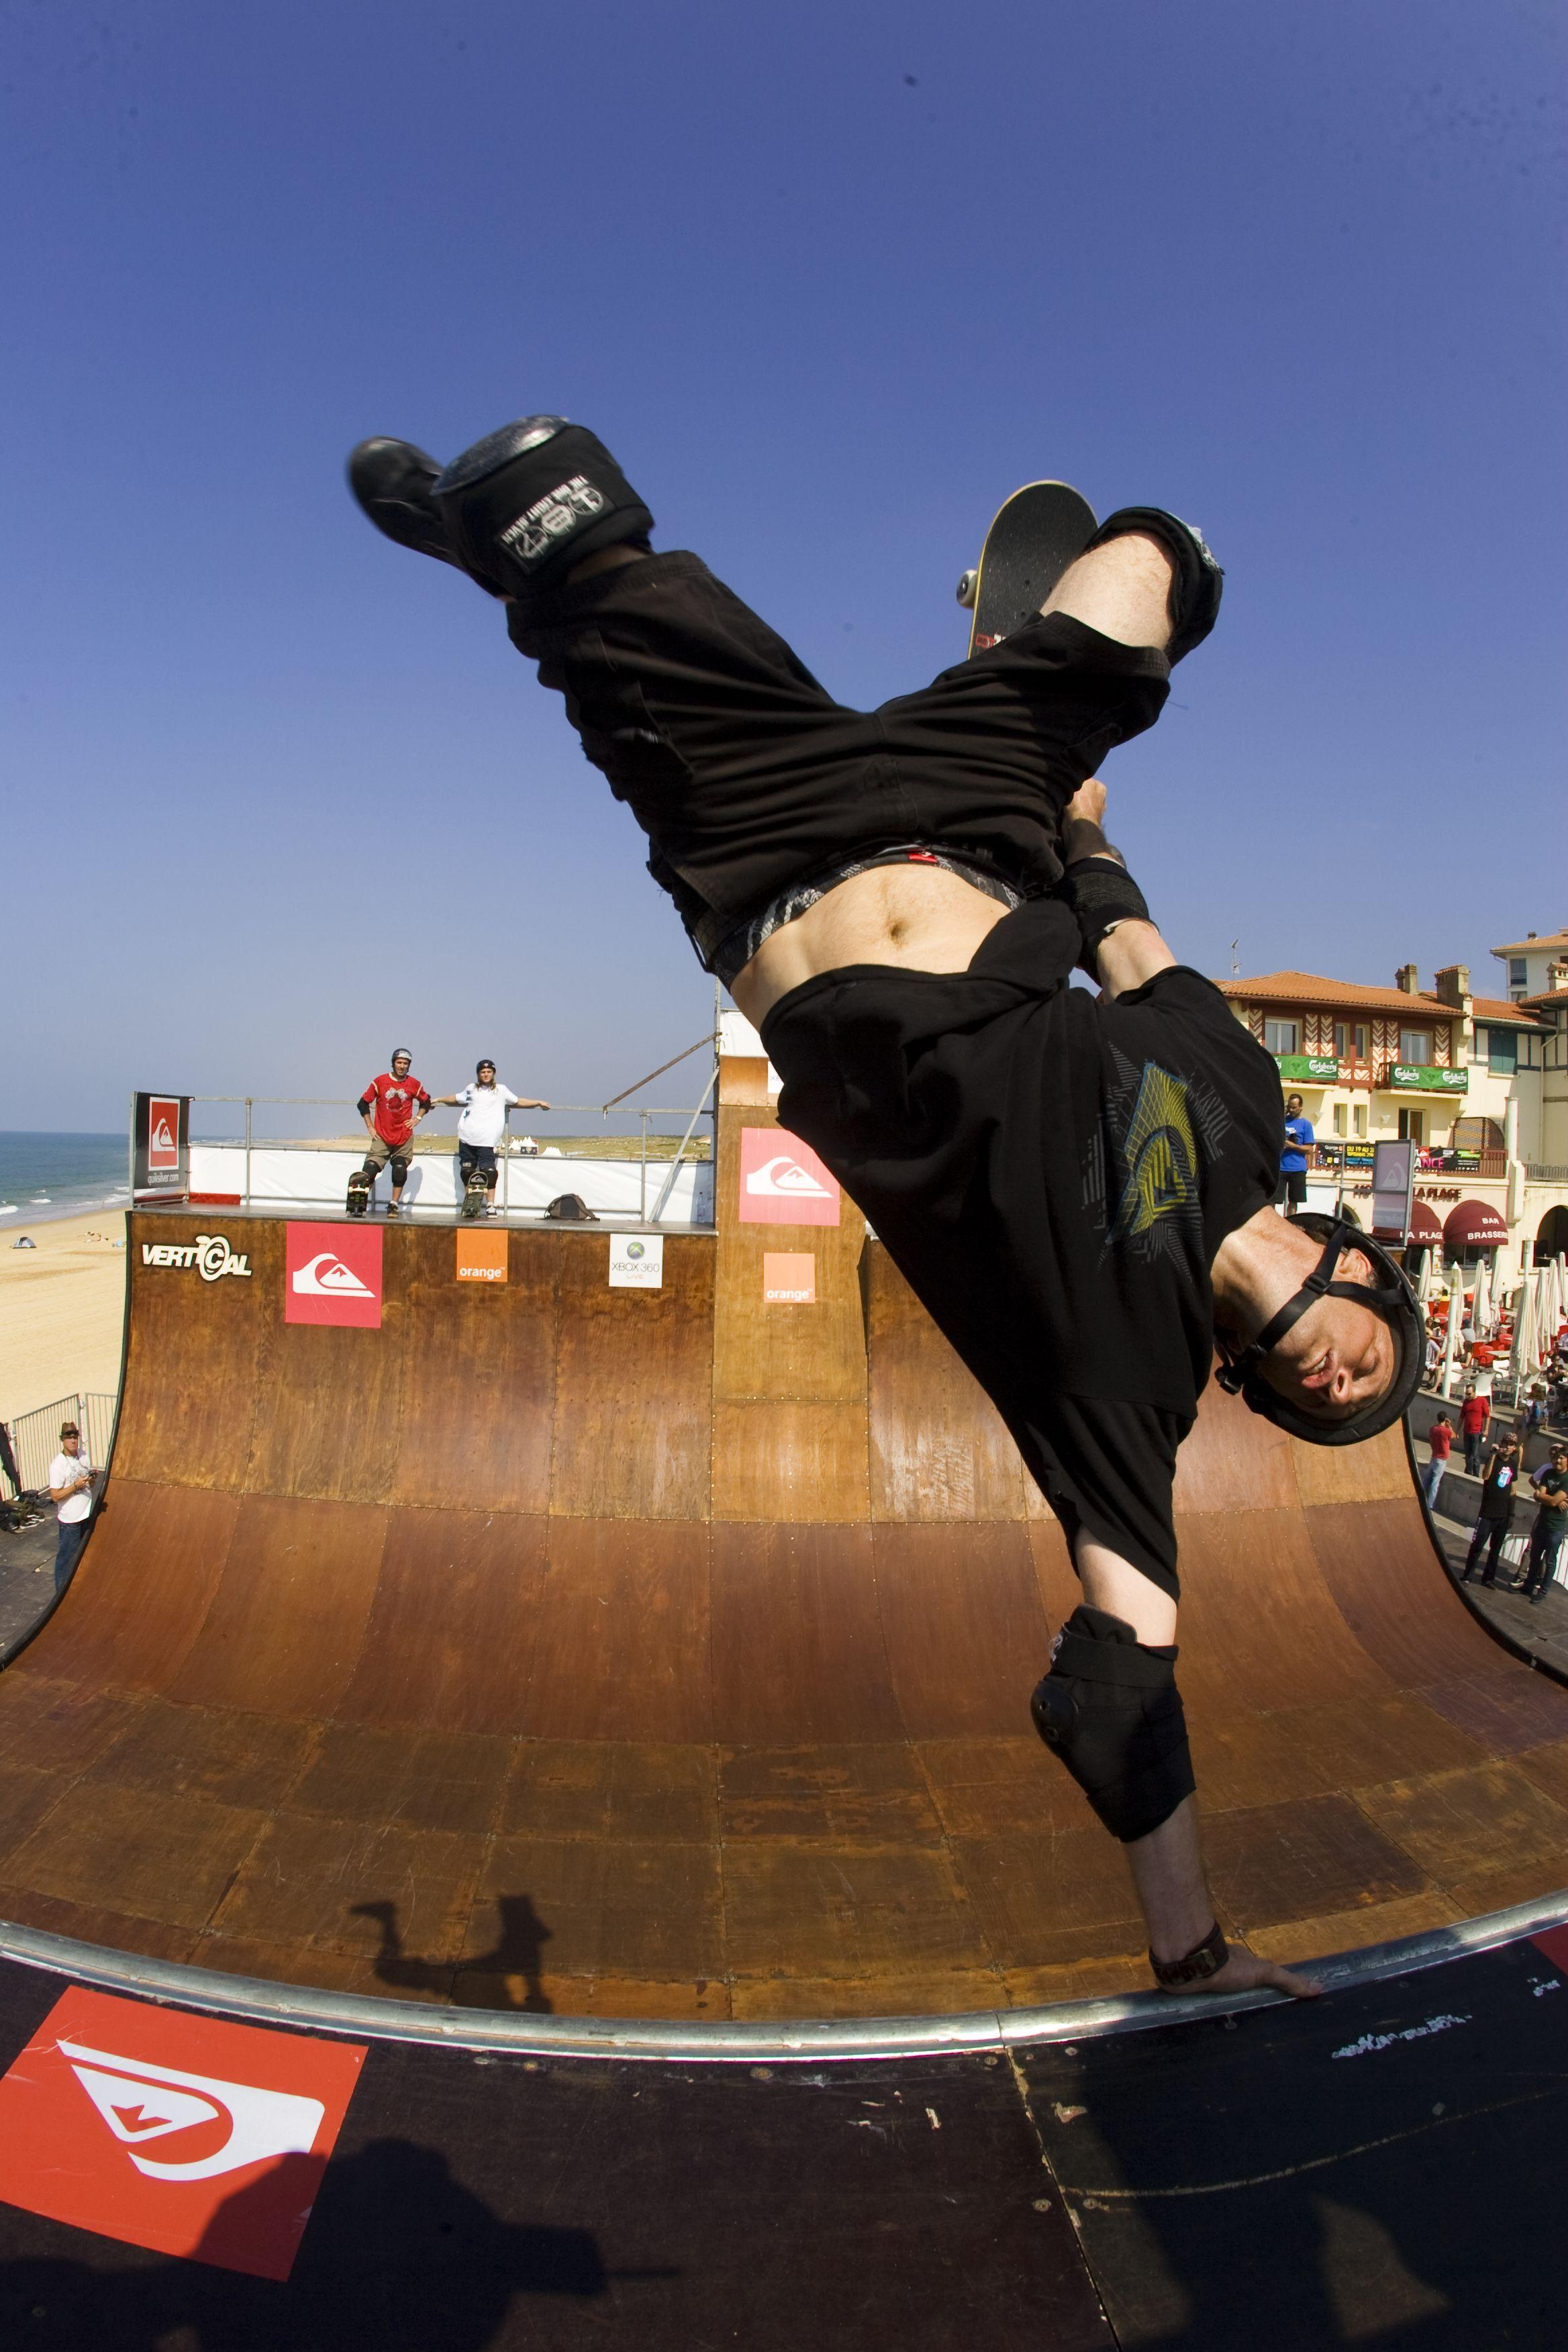 Tony Hawk Quiksilver Skate